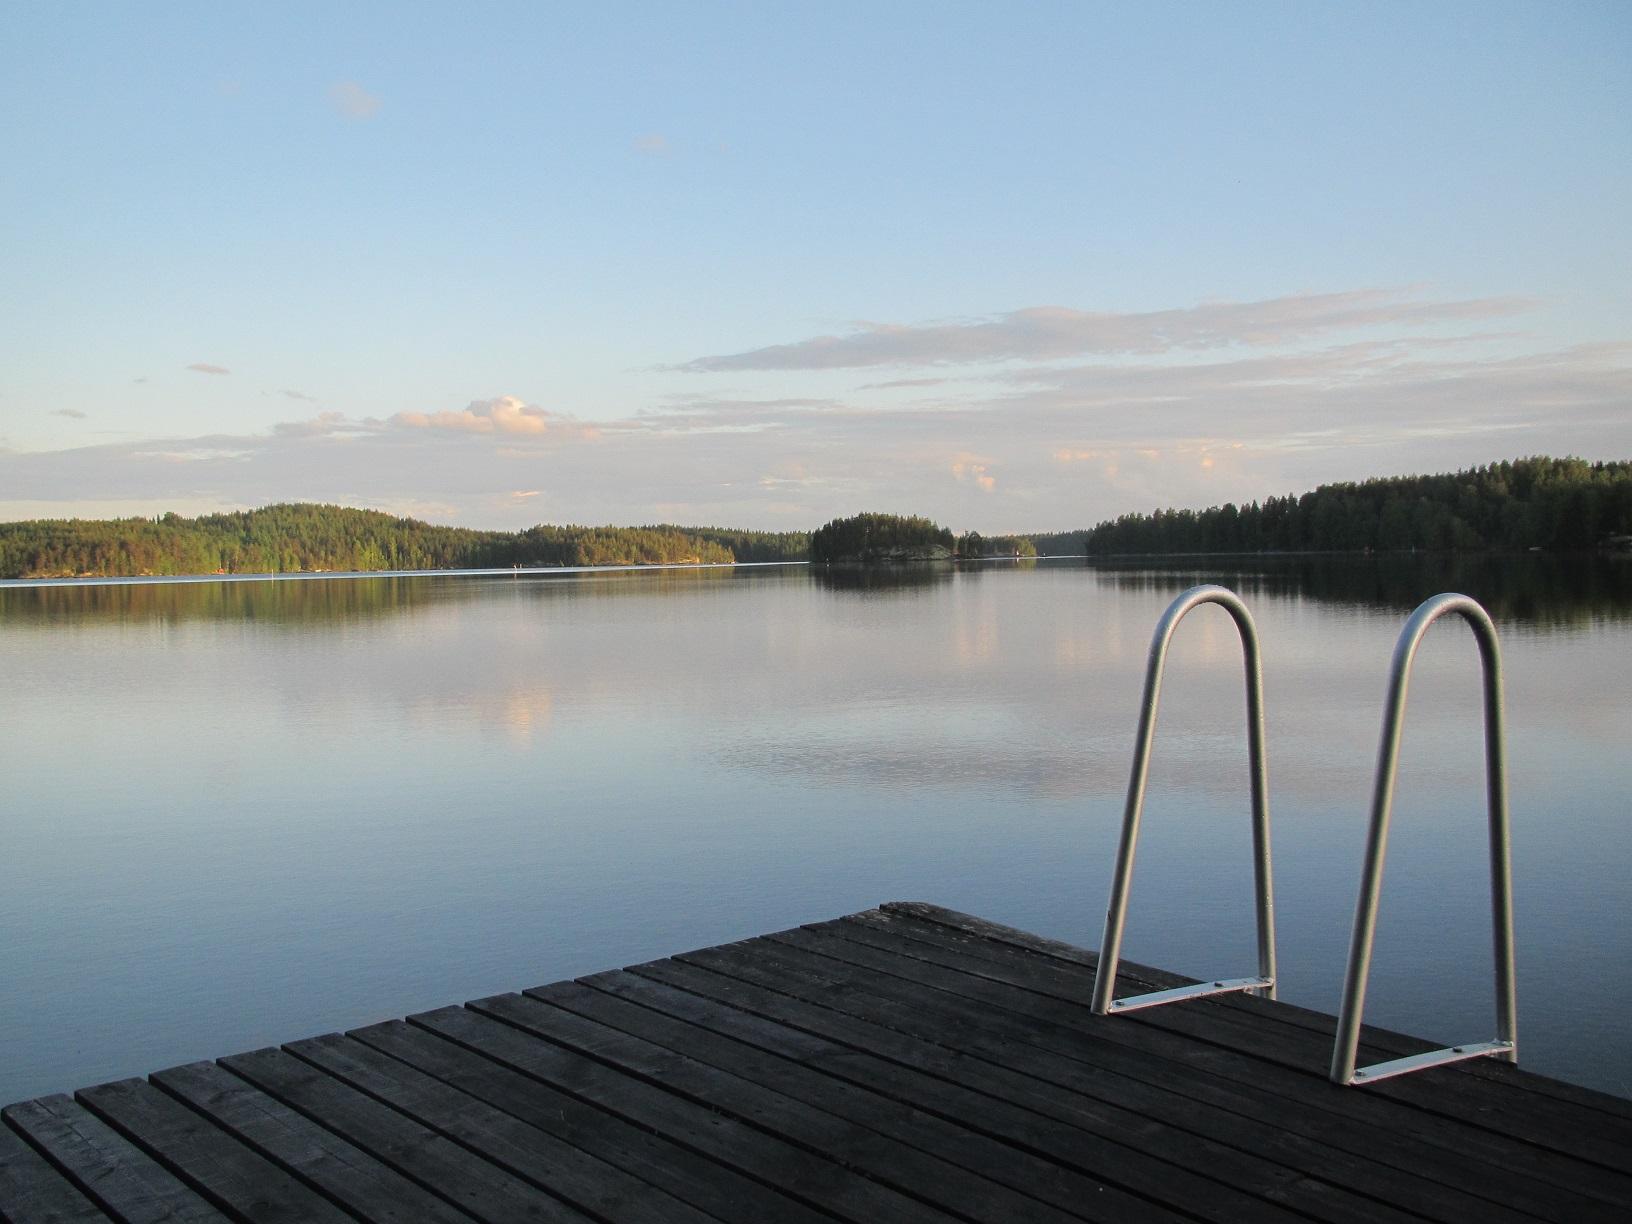 Steg in einer hellen finnischen Sommernacht